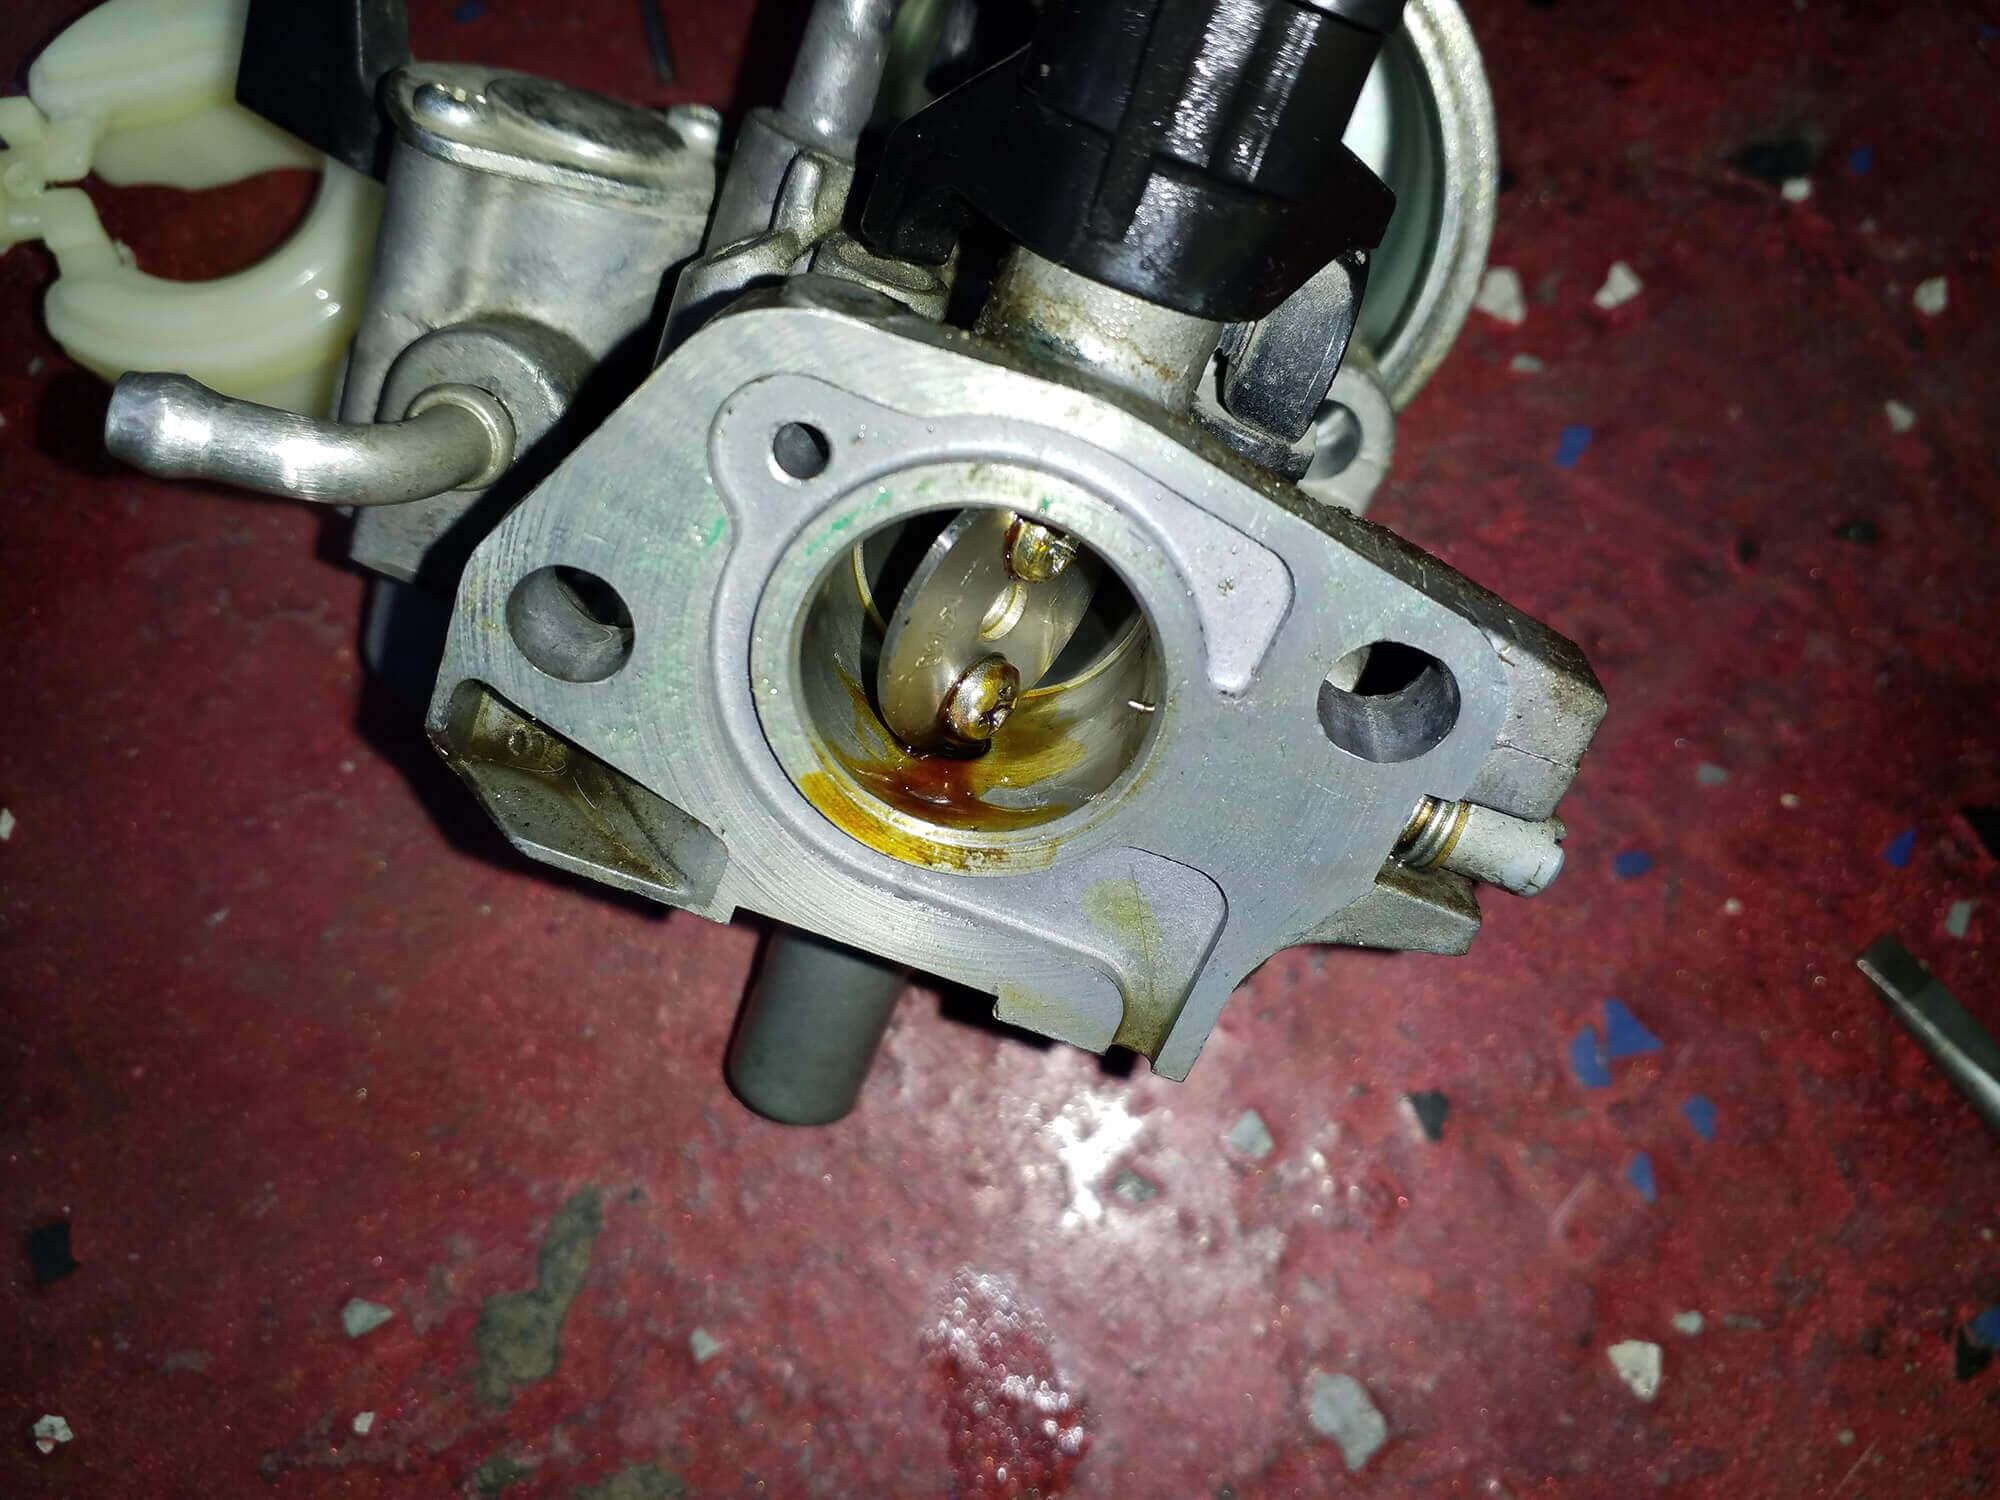 pressure washer carburetor rebuild and replace - Pressure Washer Service & Repair